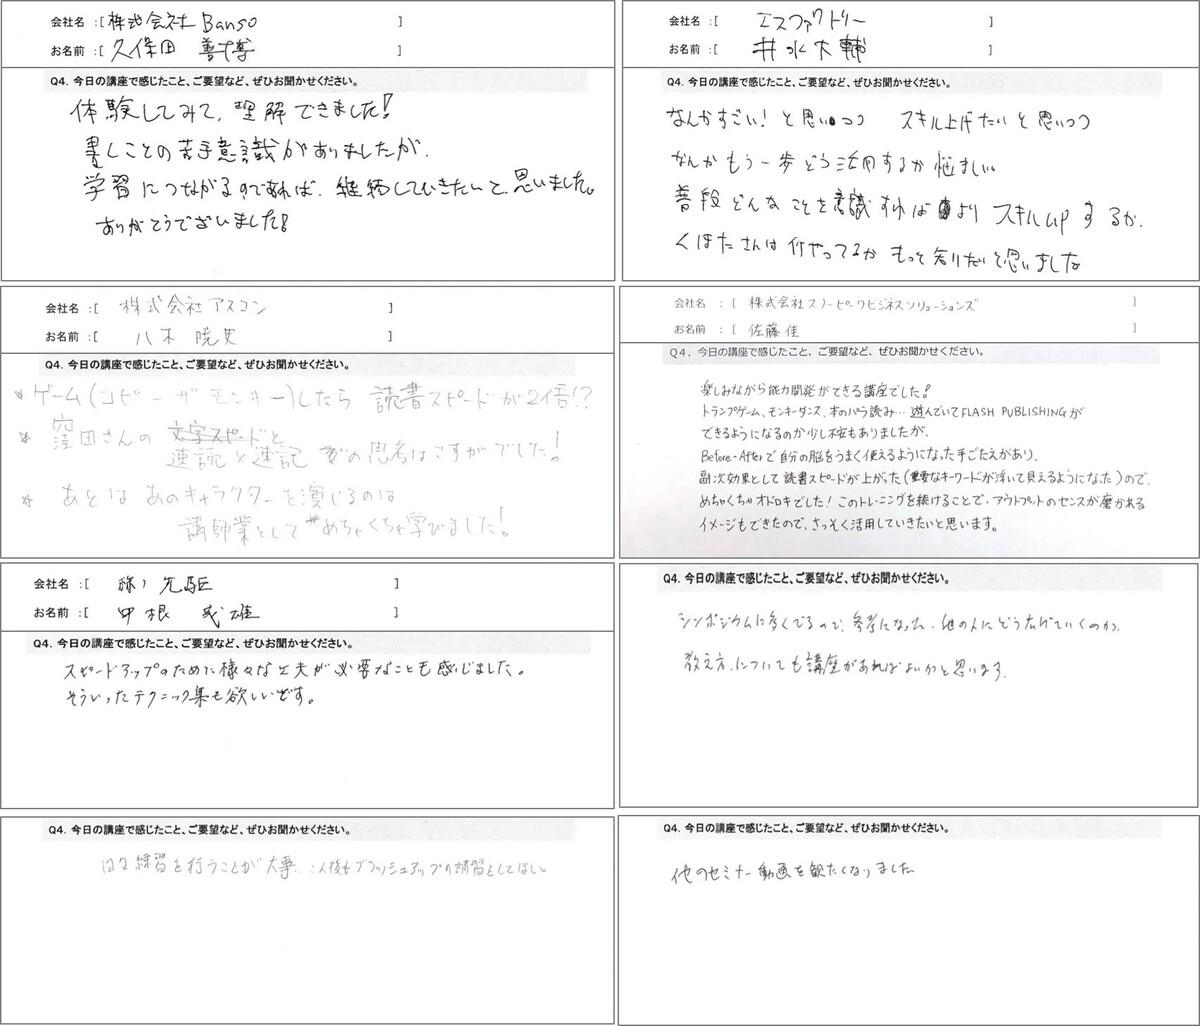 アンケート結果(手書き).jpg